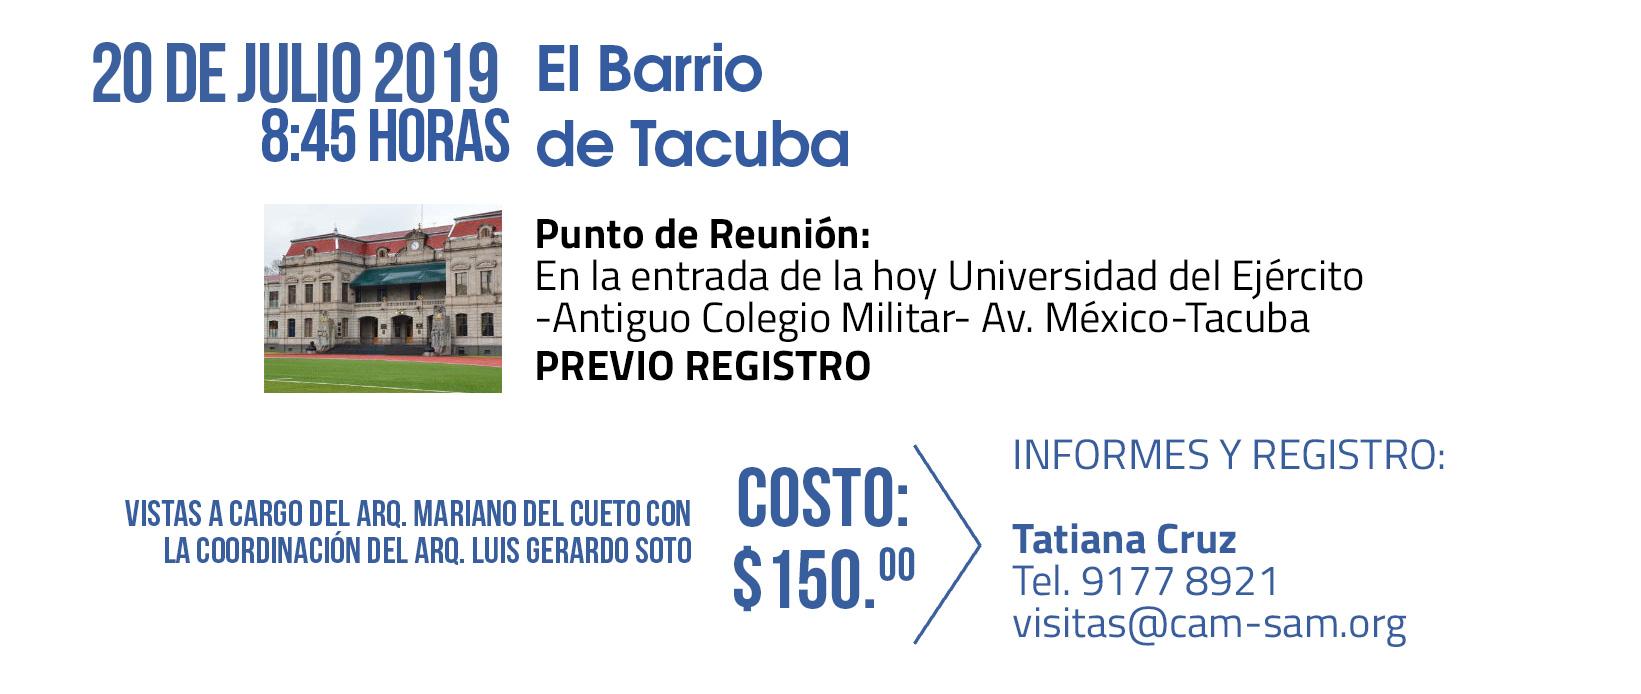 El Barrio de Tacuba